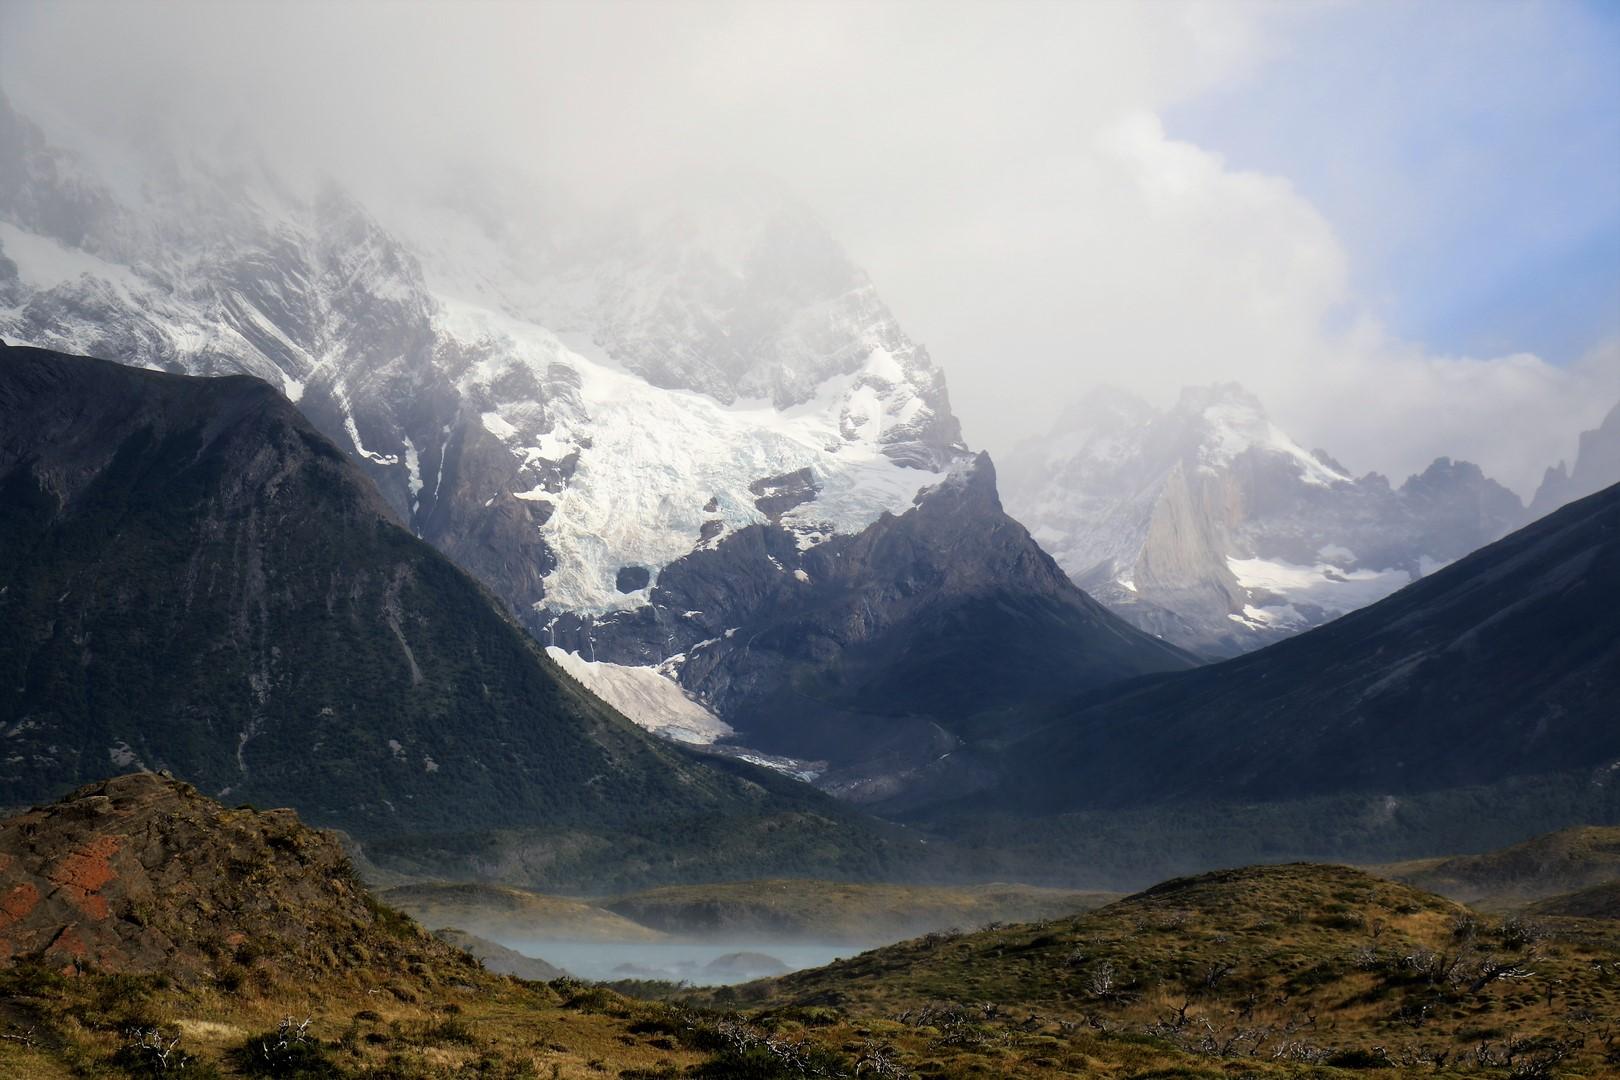 12 Dramatische Winde Im Torres del Paine (Kopie)